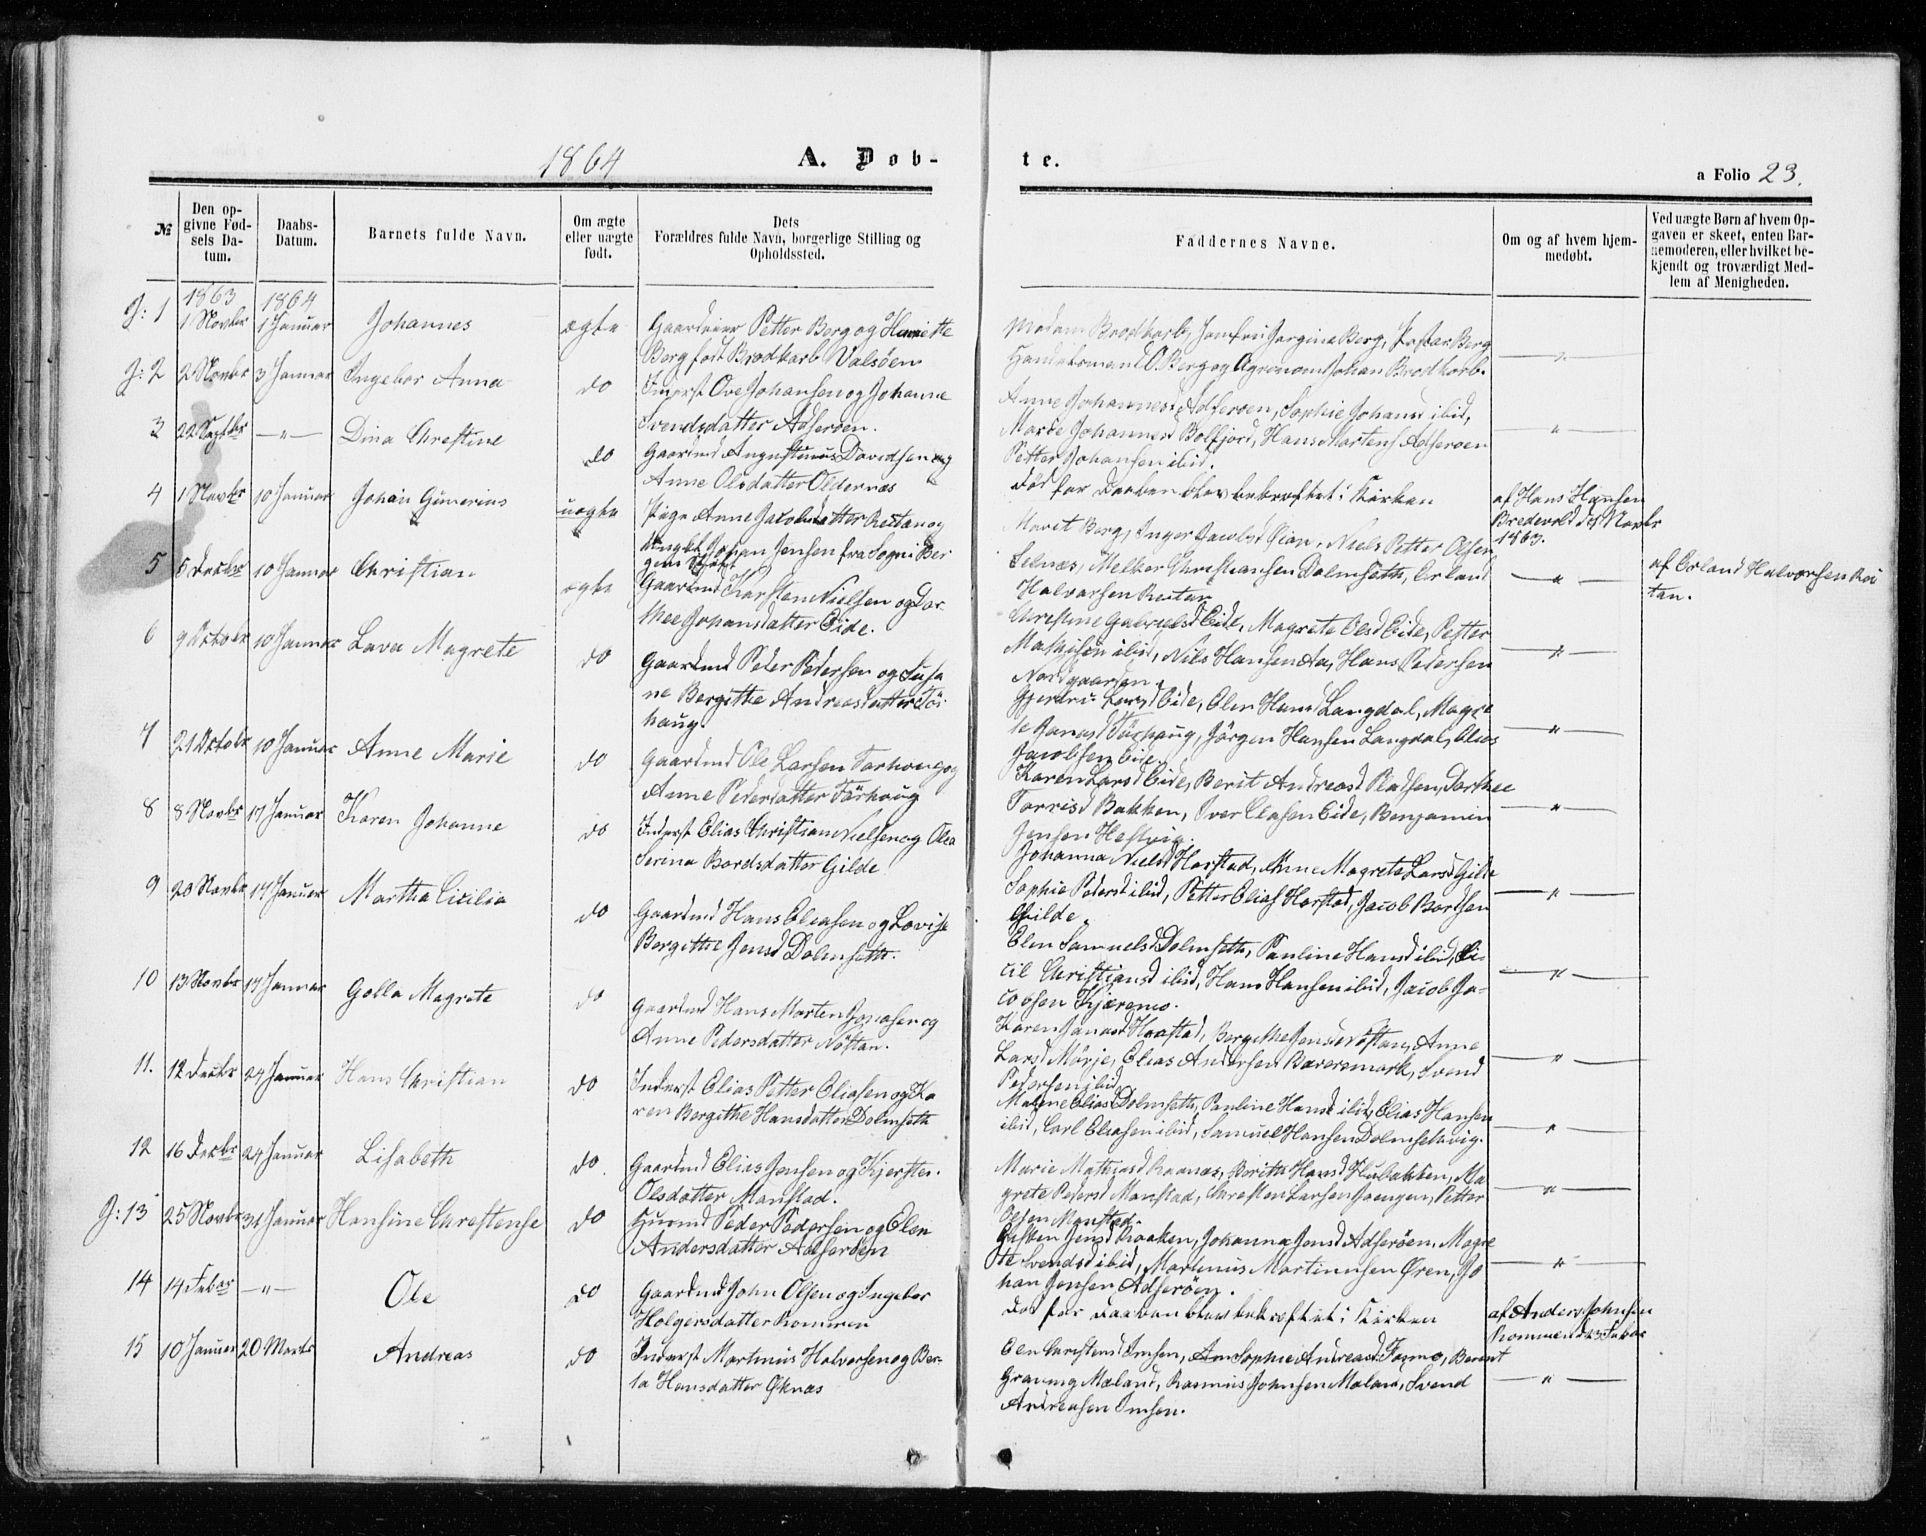 SAT, Ministerialprotokoller, klokkerbøker og fødselsregistre - Sør-Trøndelag, 655/L0678: Ministerialbok nr. 655A07, 1861-1873, s. 23